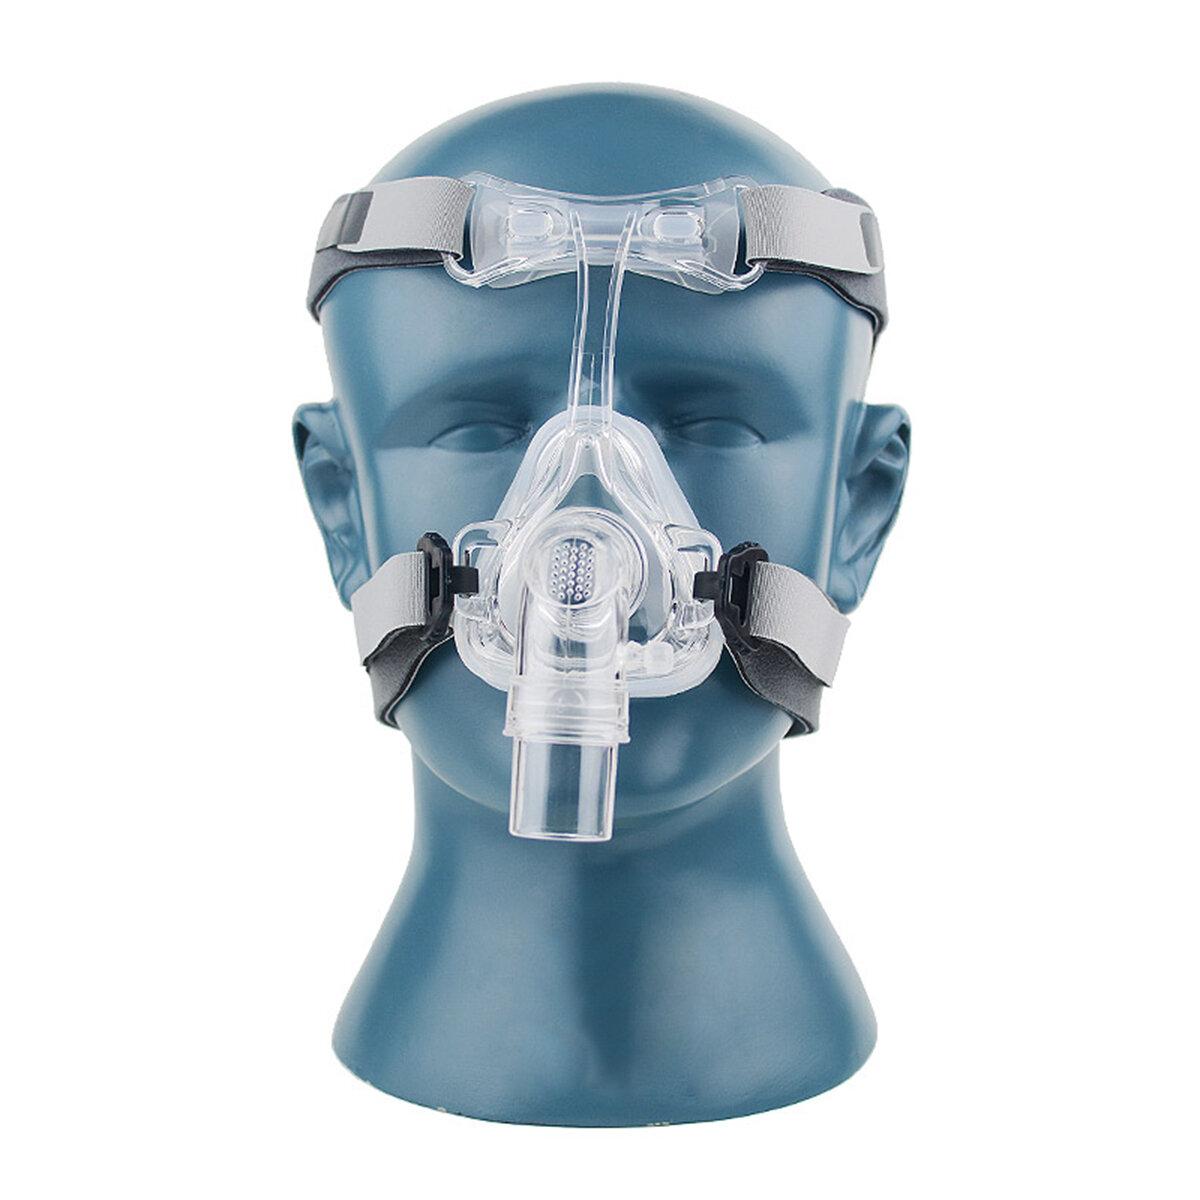 S / M / L neusmasker NM2 voor CPAP-maskers Interface slaap snurken riem met hoofddeksel